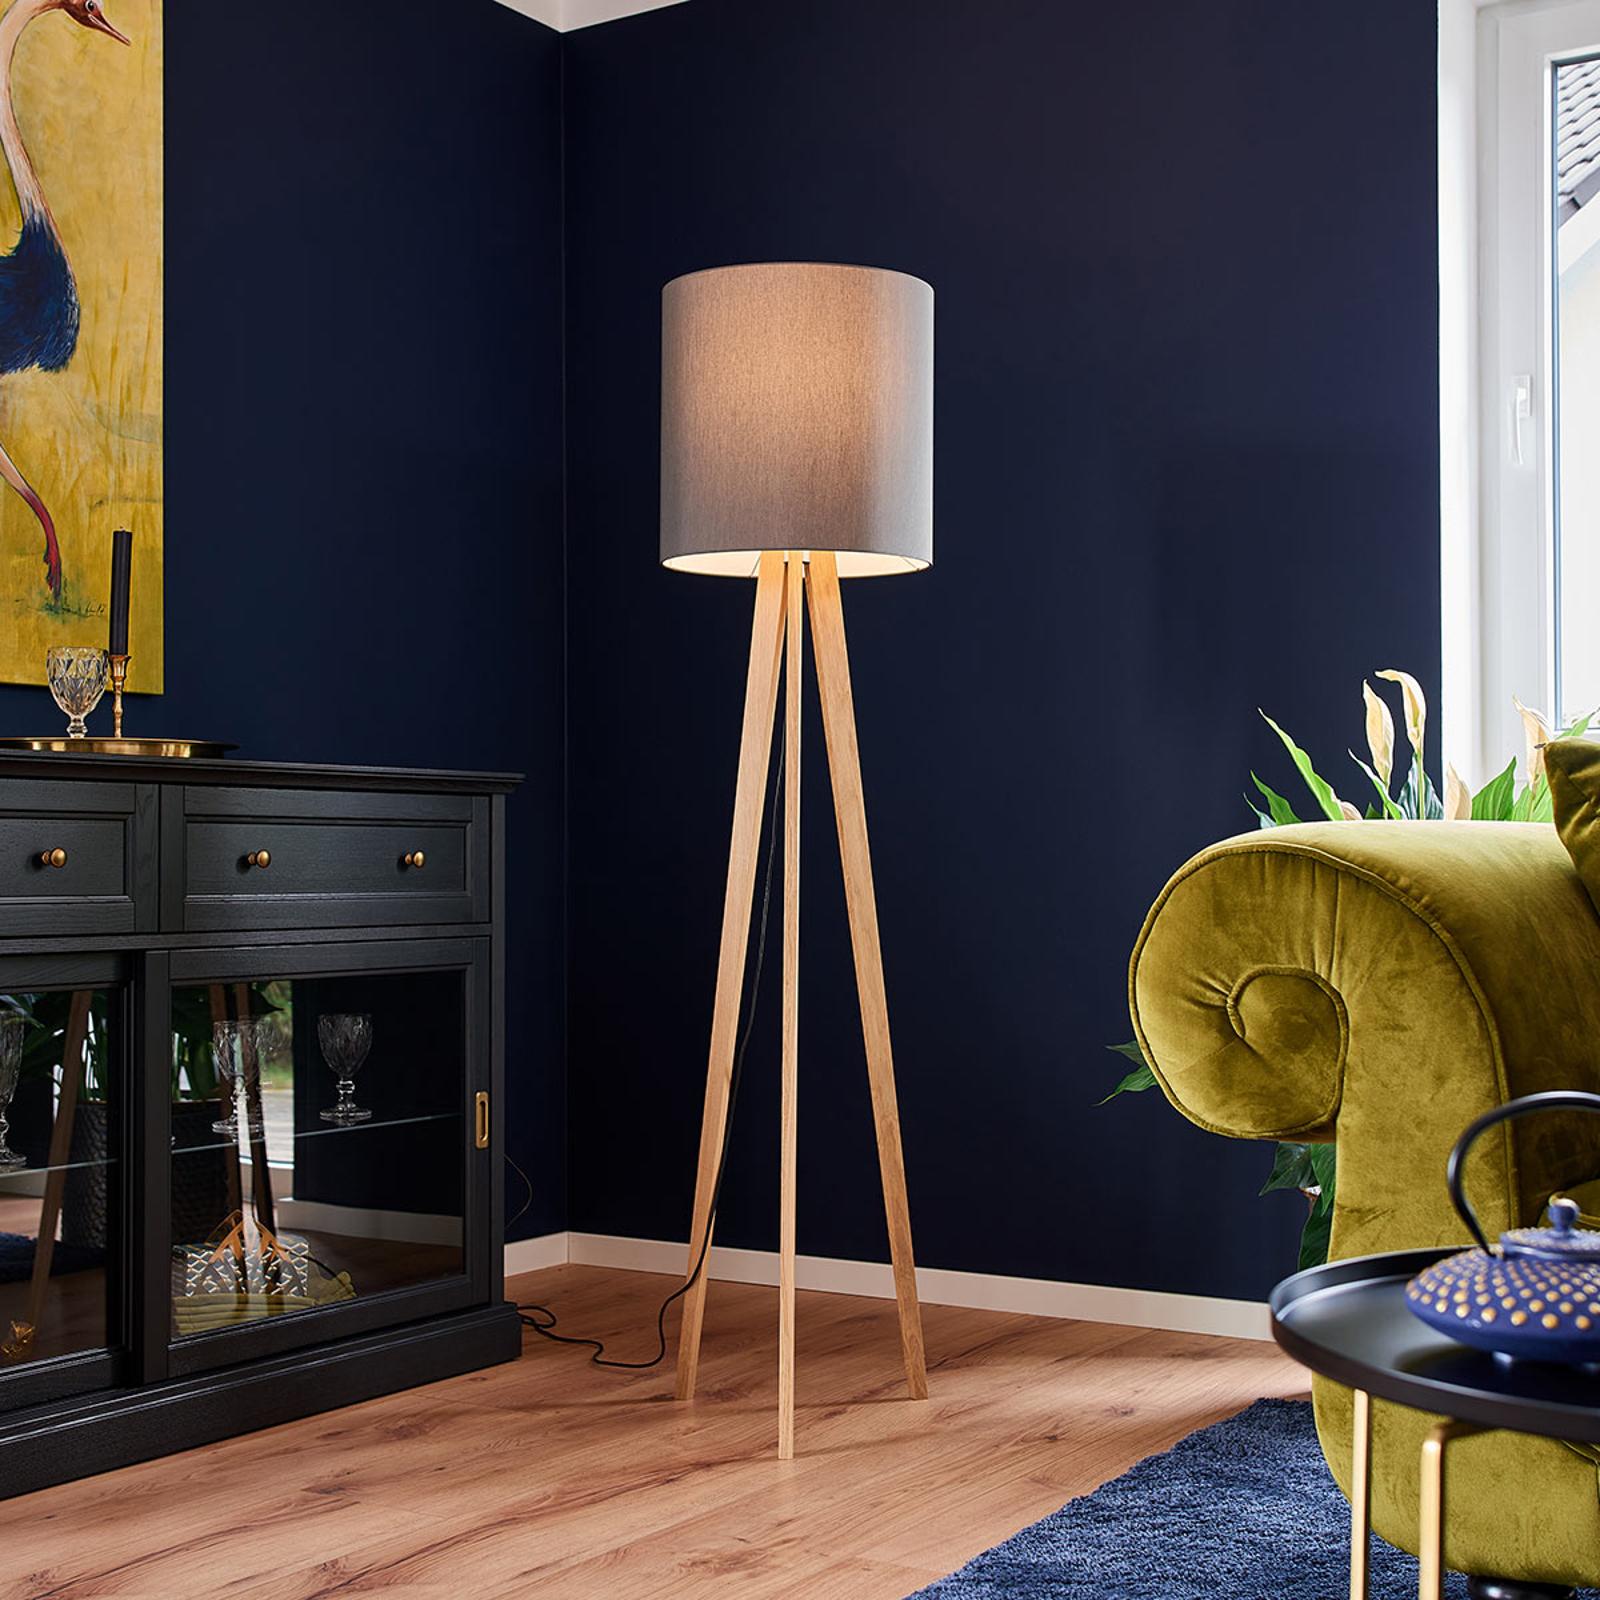 Lampa stojąca Nida z tkaniny z drewnianą podstawą